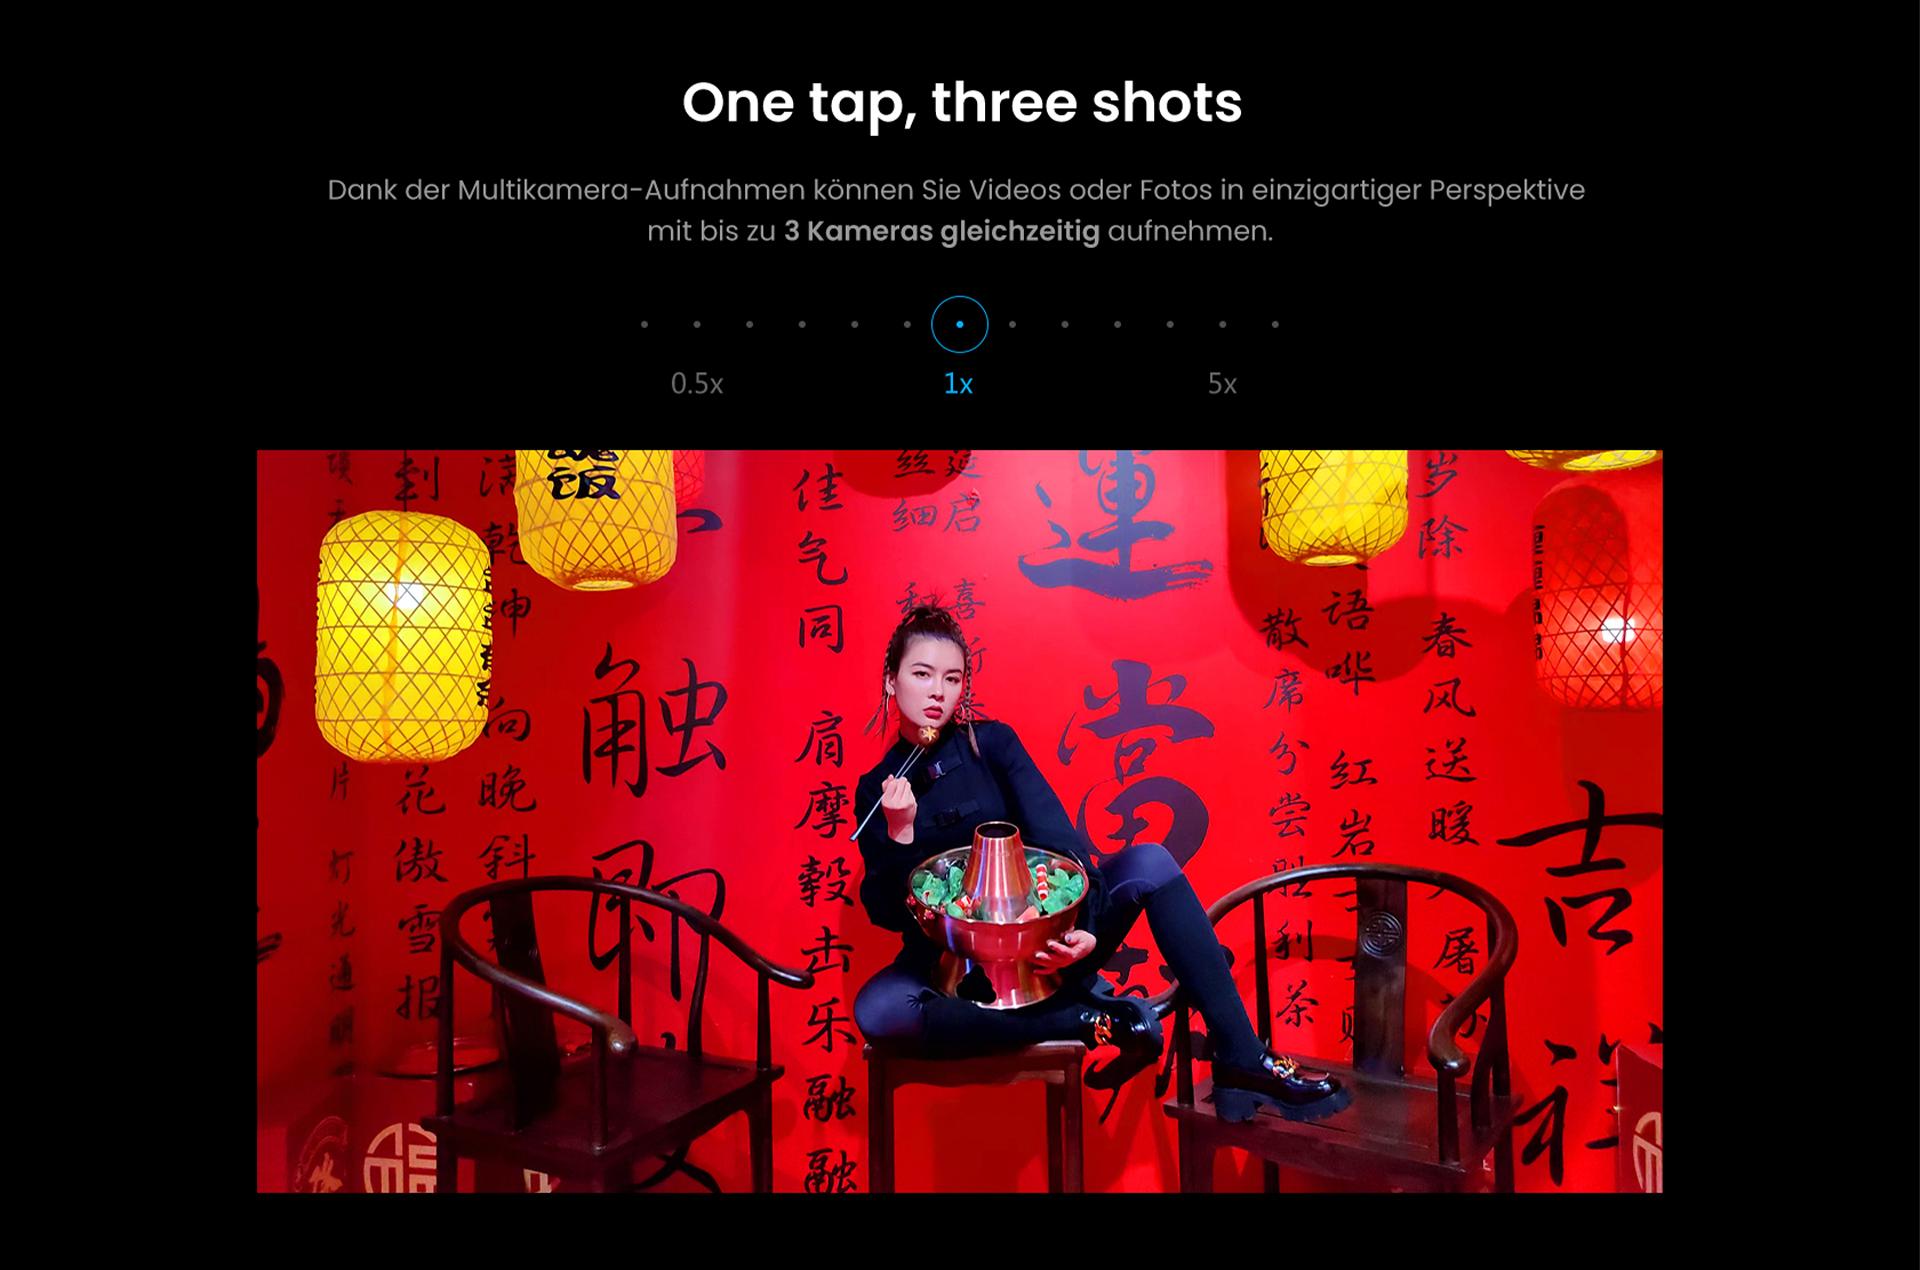 One Tap, Three Shots mit dem ZTE Axon 30 Ultra - Dank der Multikamera-Aufnahmen können Sie Videos oder Fotos in einzigartiger Perspektive mit bis zu 3 Kameras gleichzeitig aufnehmen